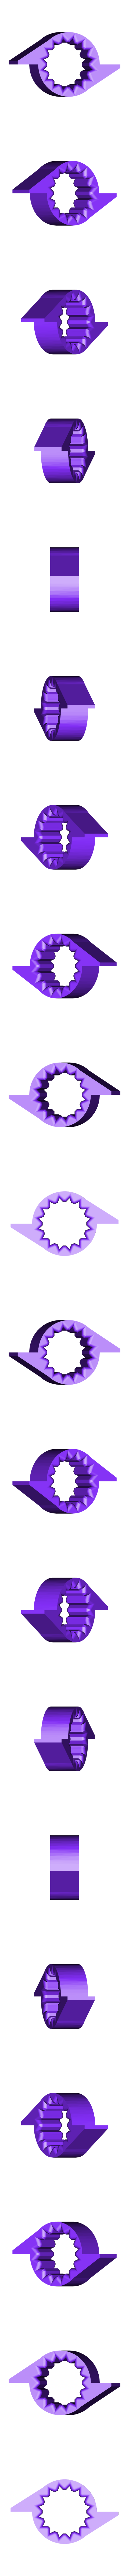 Cam_bolt_16b_2beats.STL Télécharger fichier STL gratuit Mon 3D (Dream Drum Design) • Objet pour imprimante 3D, Tanleste46